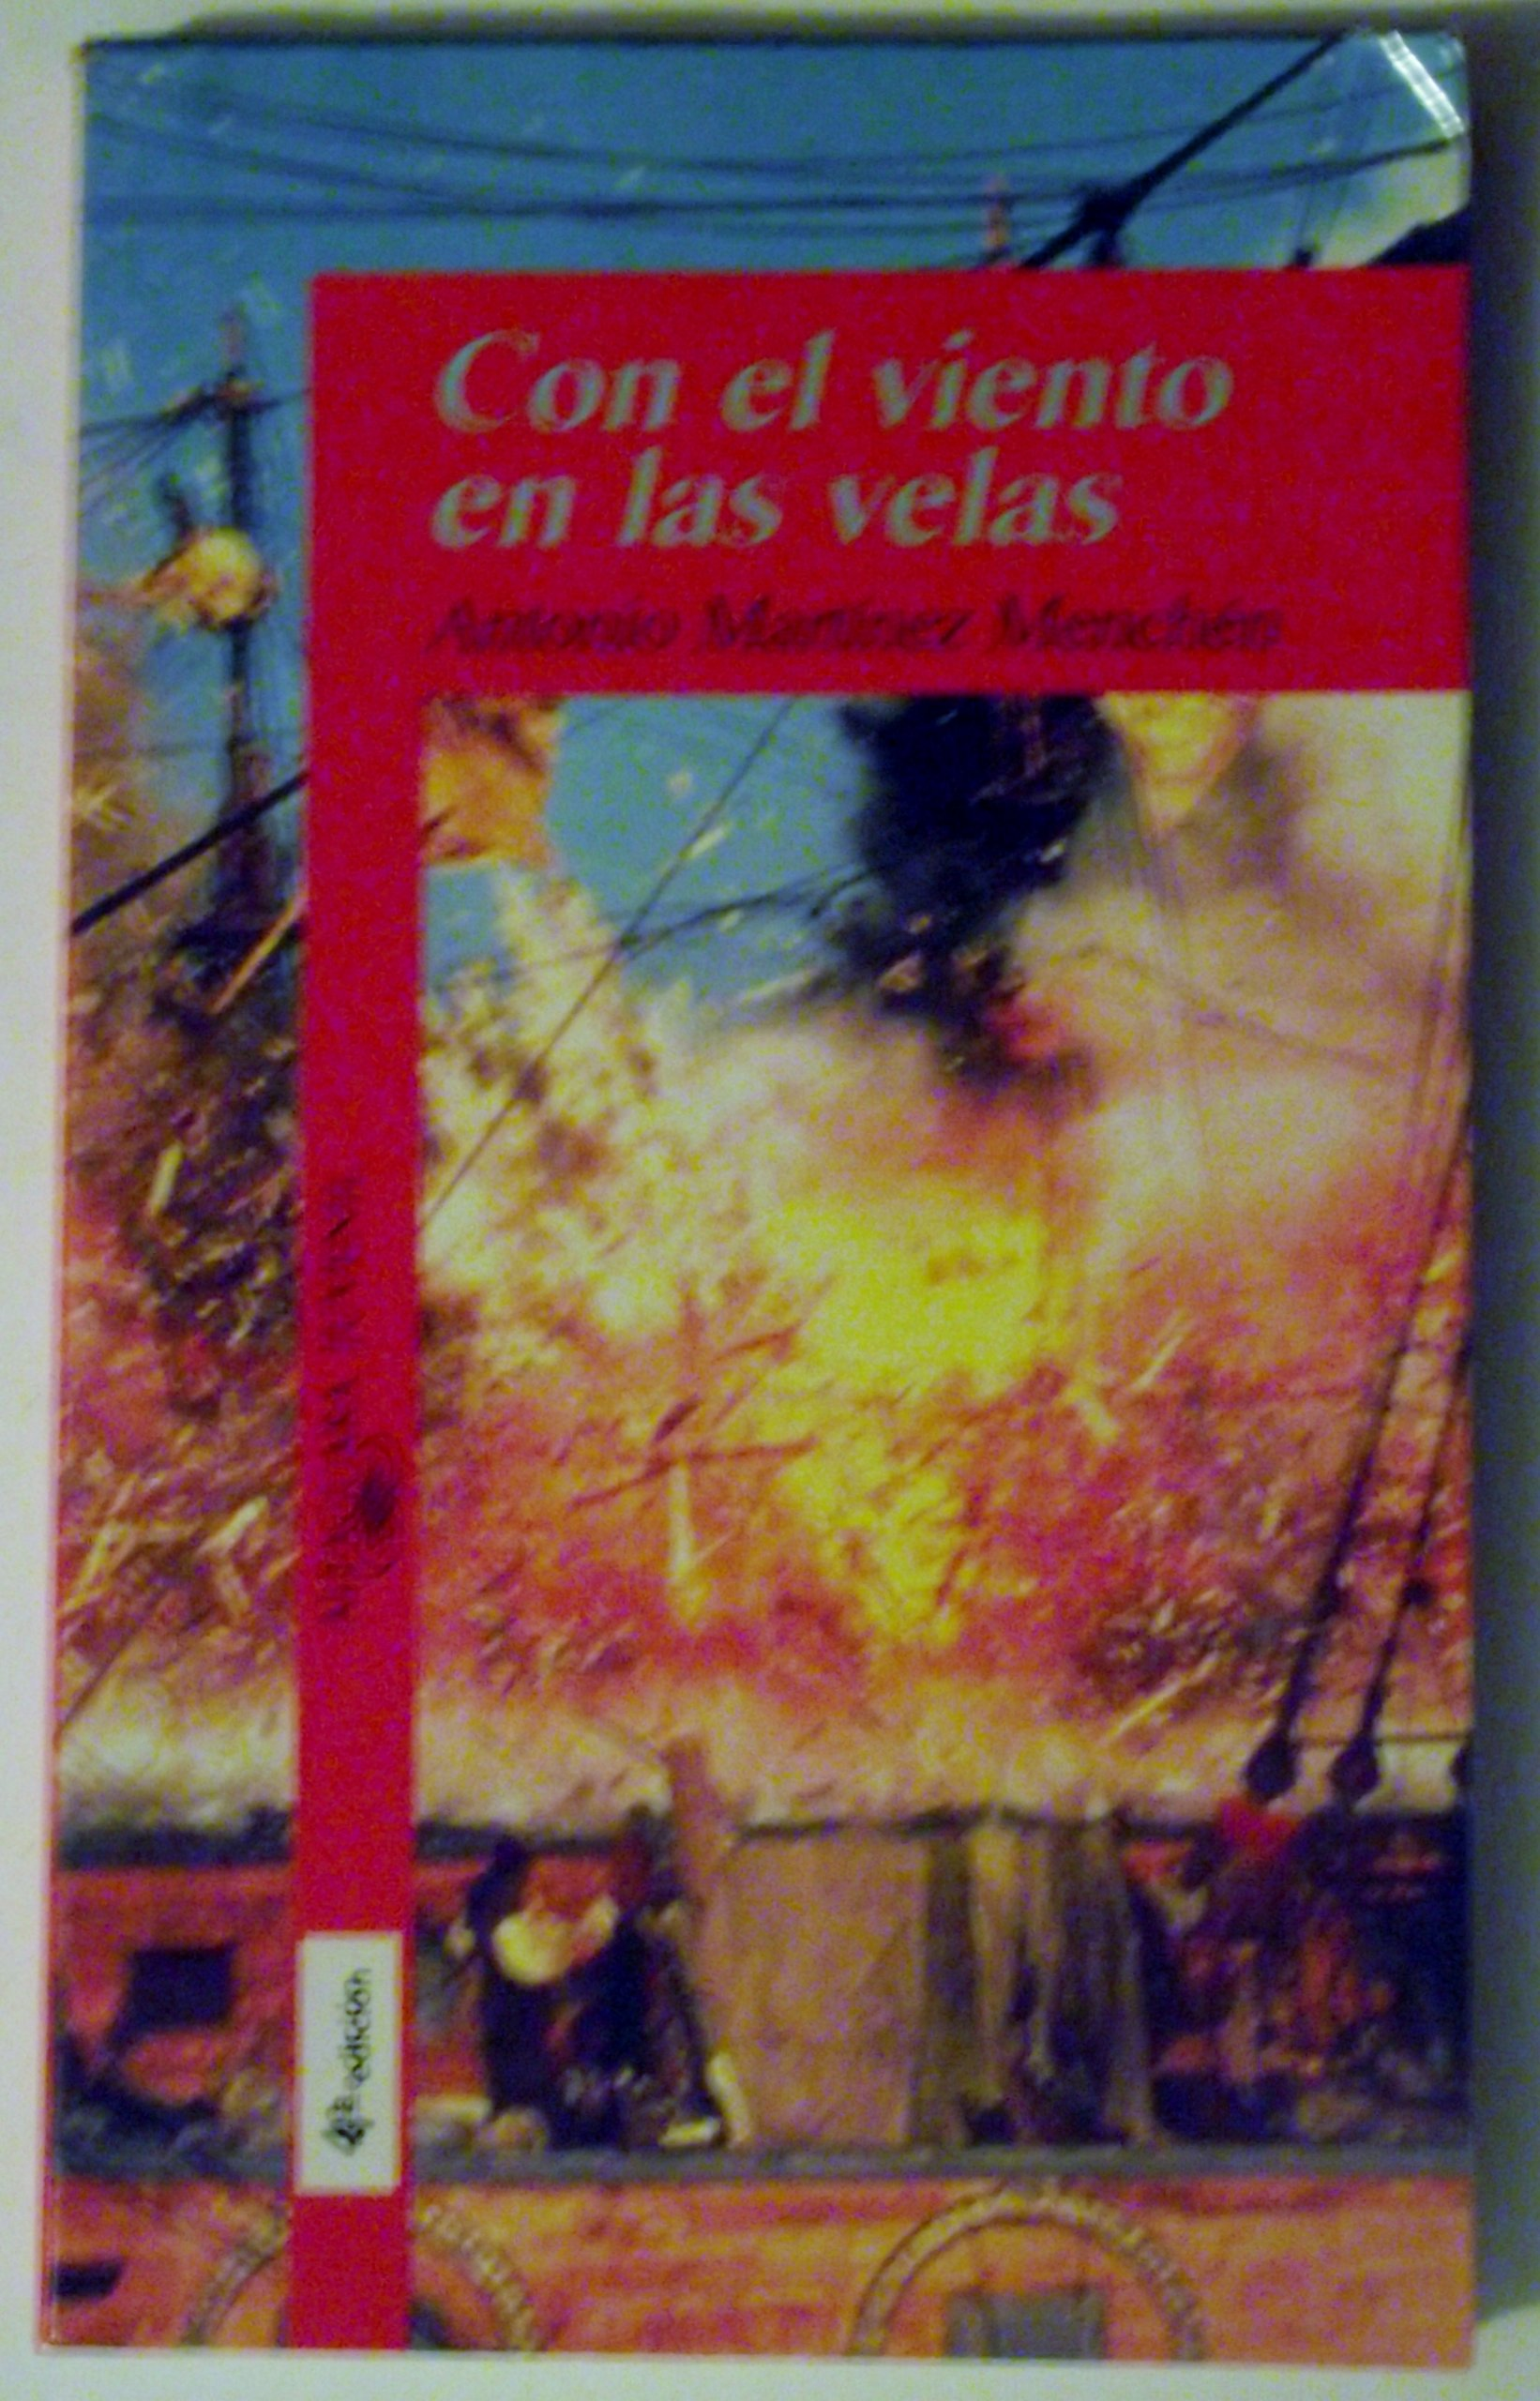 CON EL VIENTO EN LAS VELAS NR+ (Alfaguara Juvenil): Amazon.es: Antonio Martínez Menchén: Libros